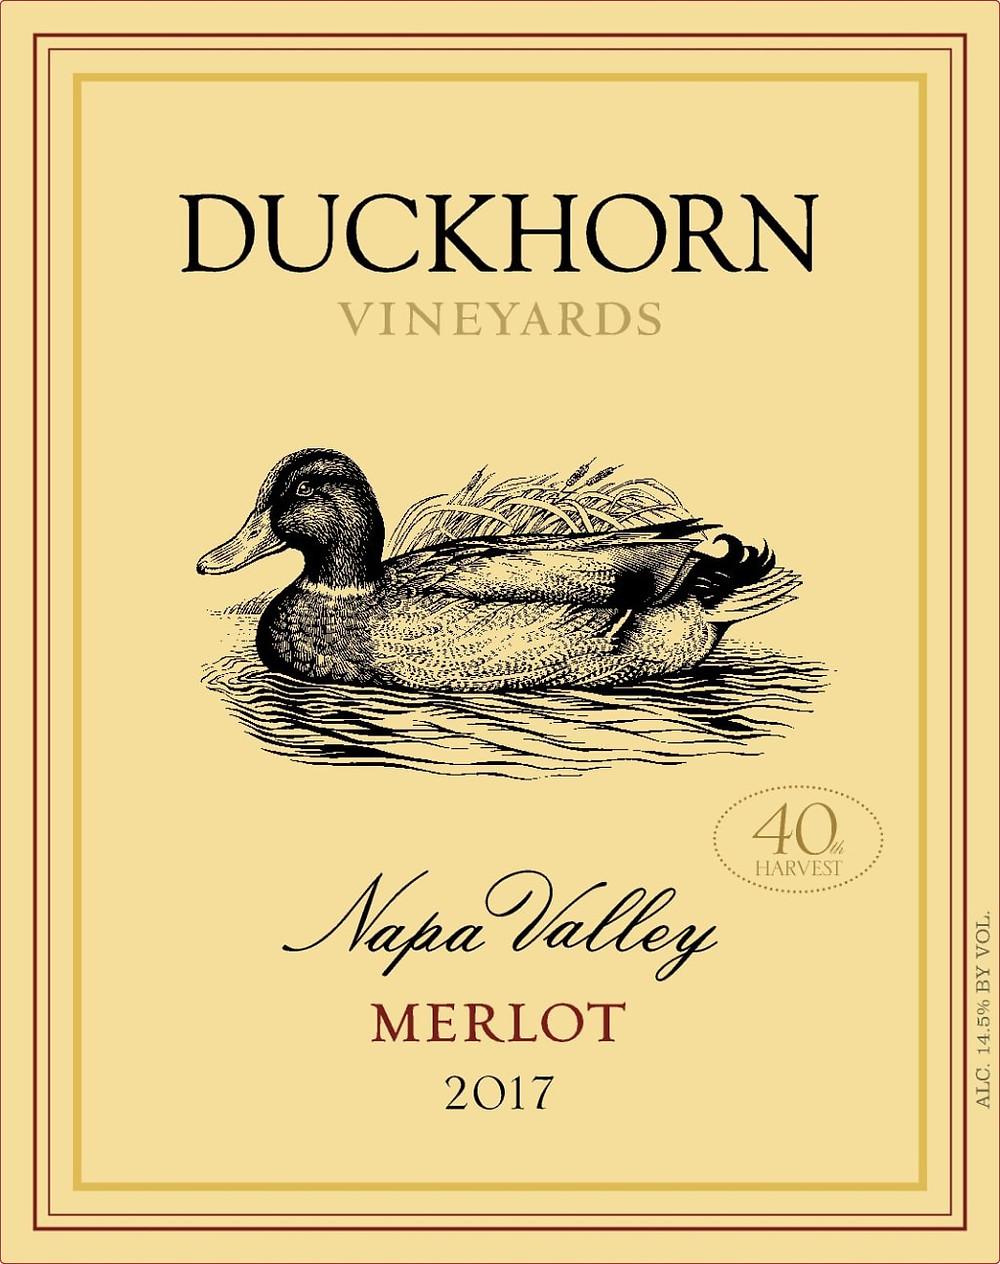 Duckhorn Vineyards Merlot wine label.